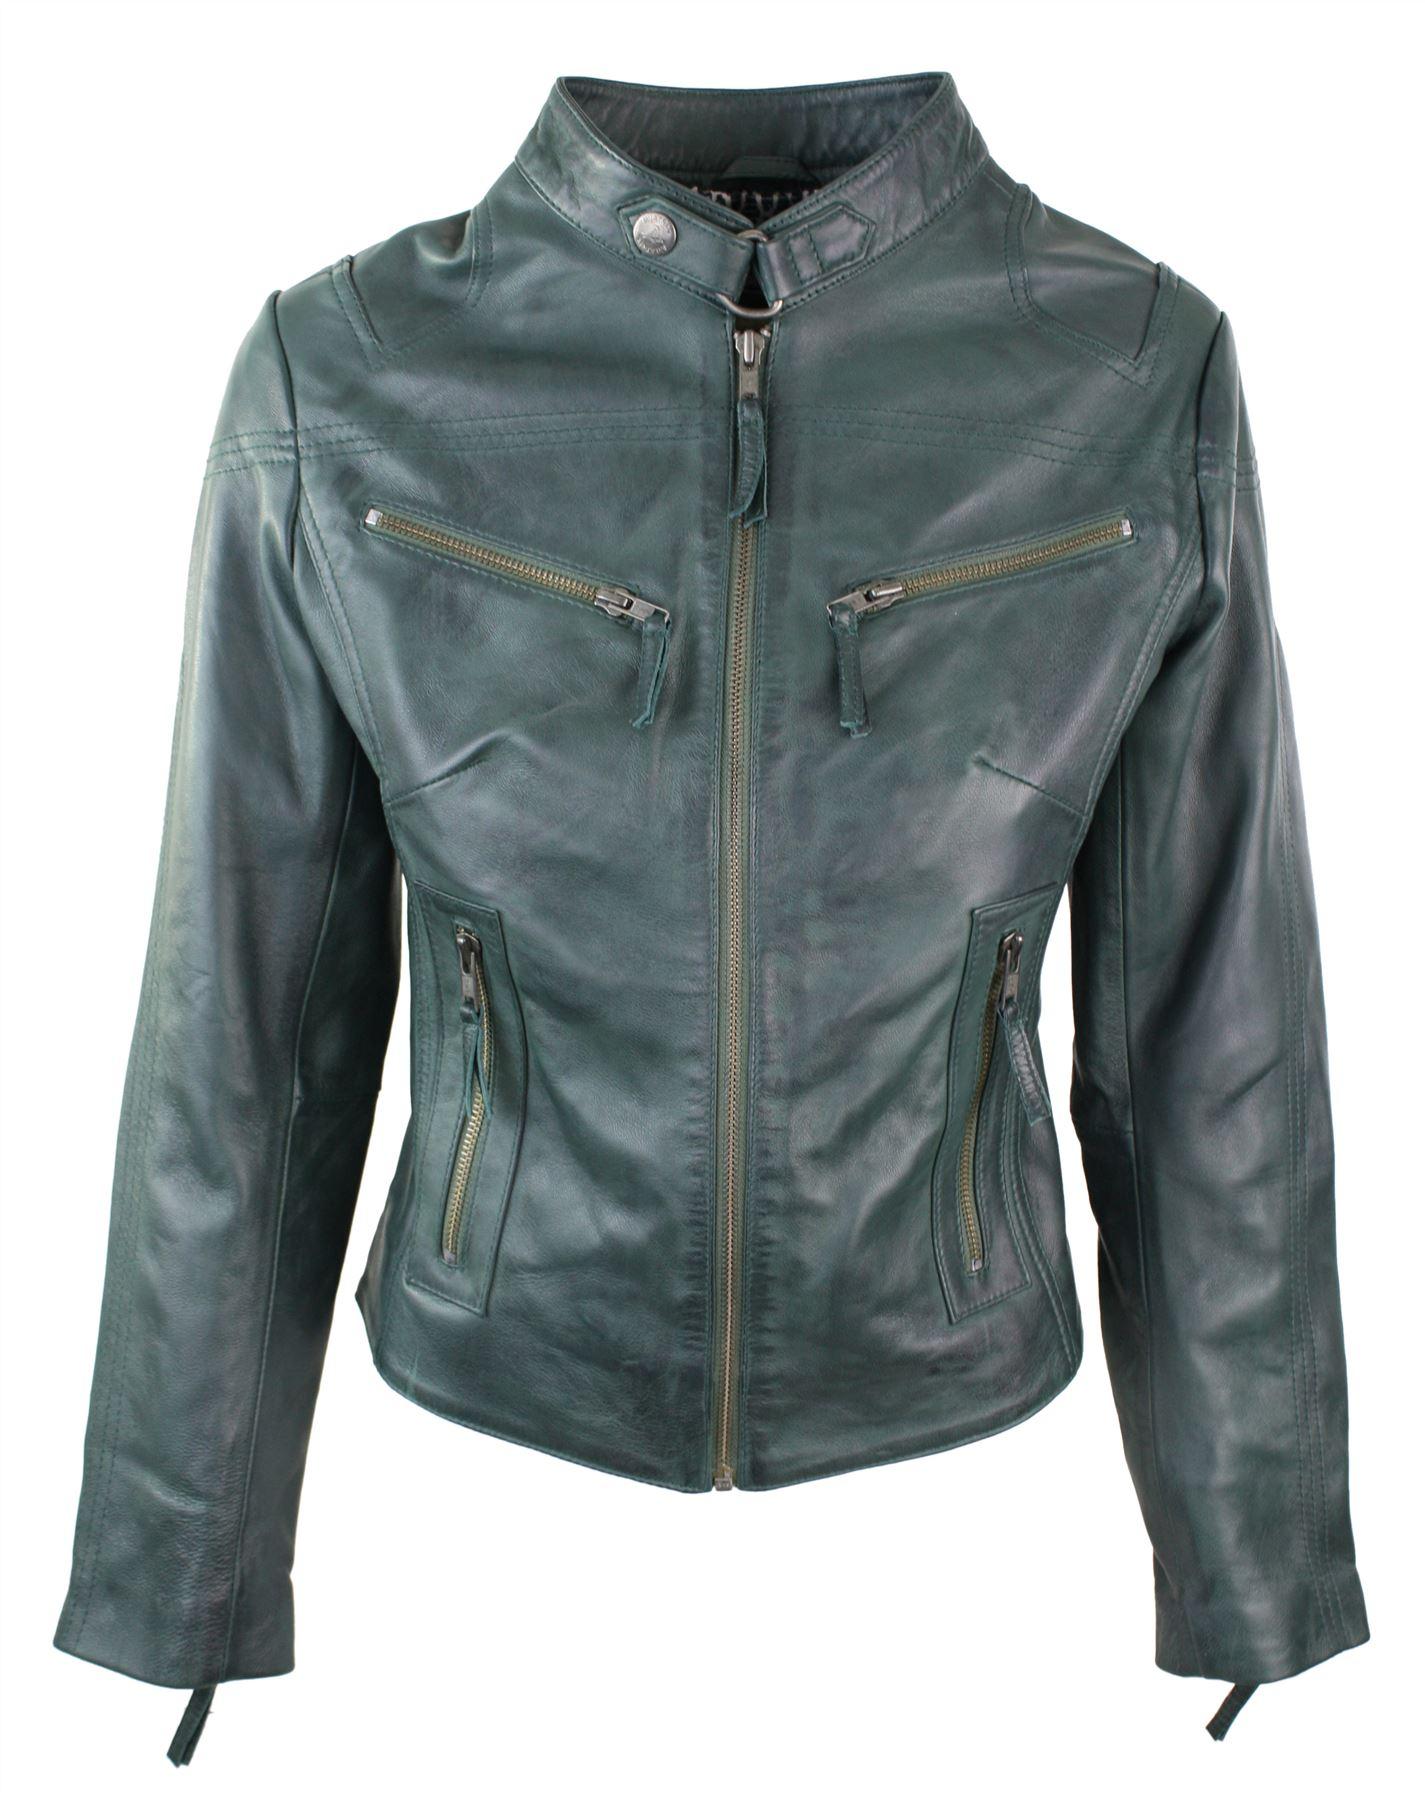 Ladies Vintage Leather Jacket 19